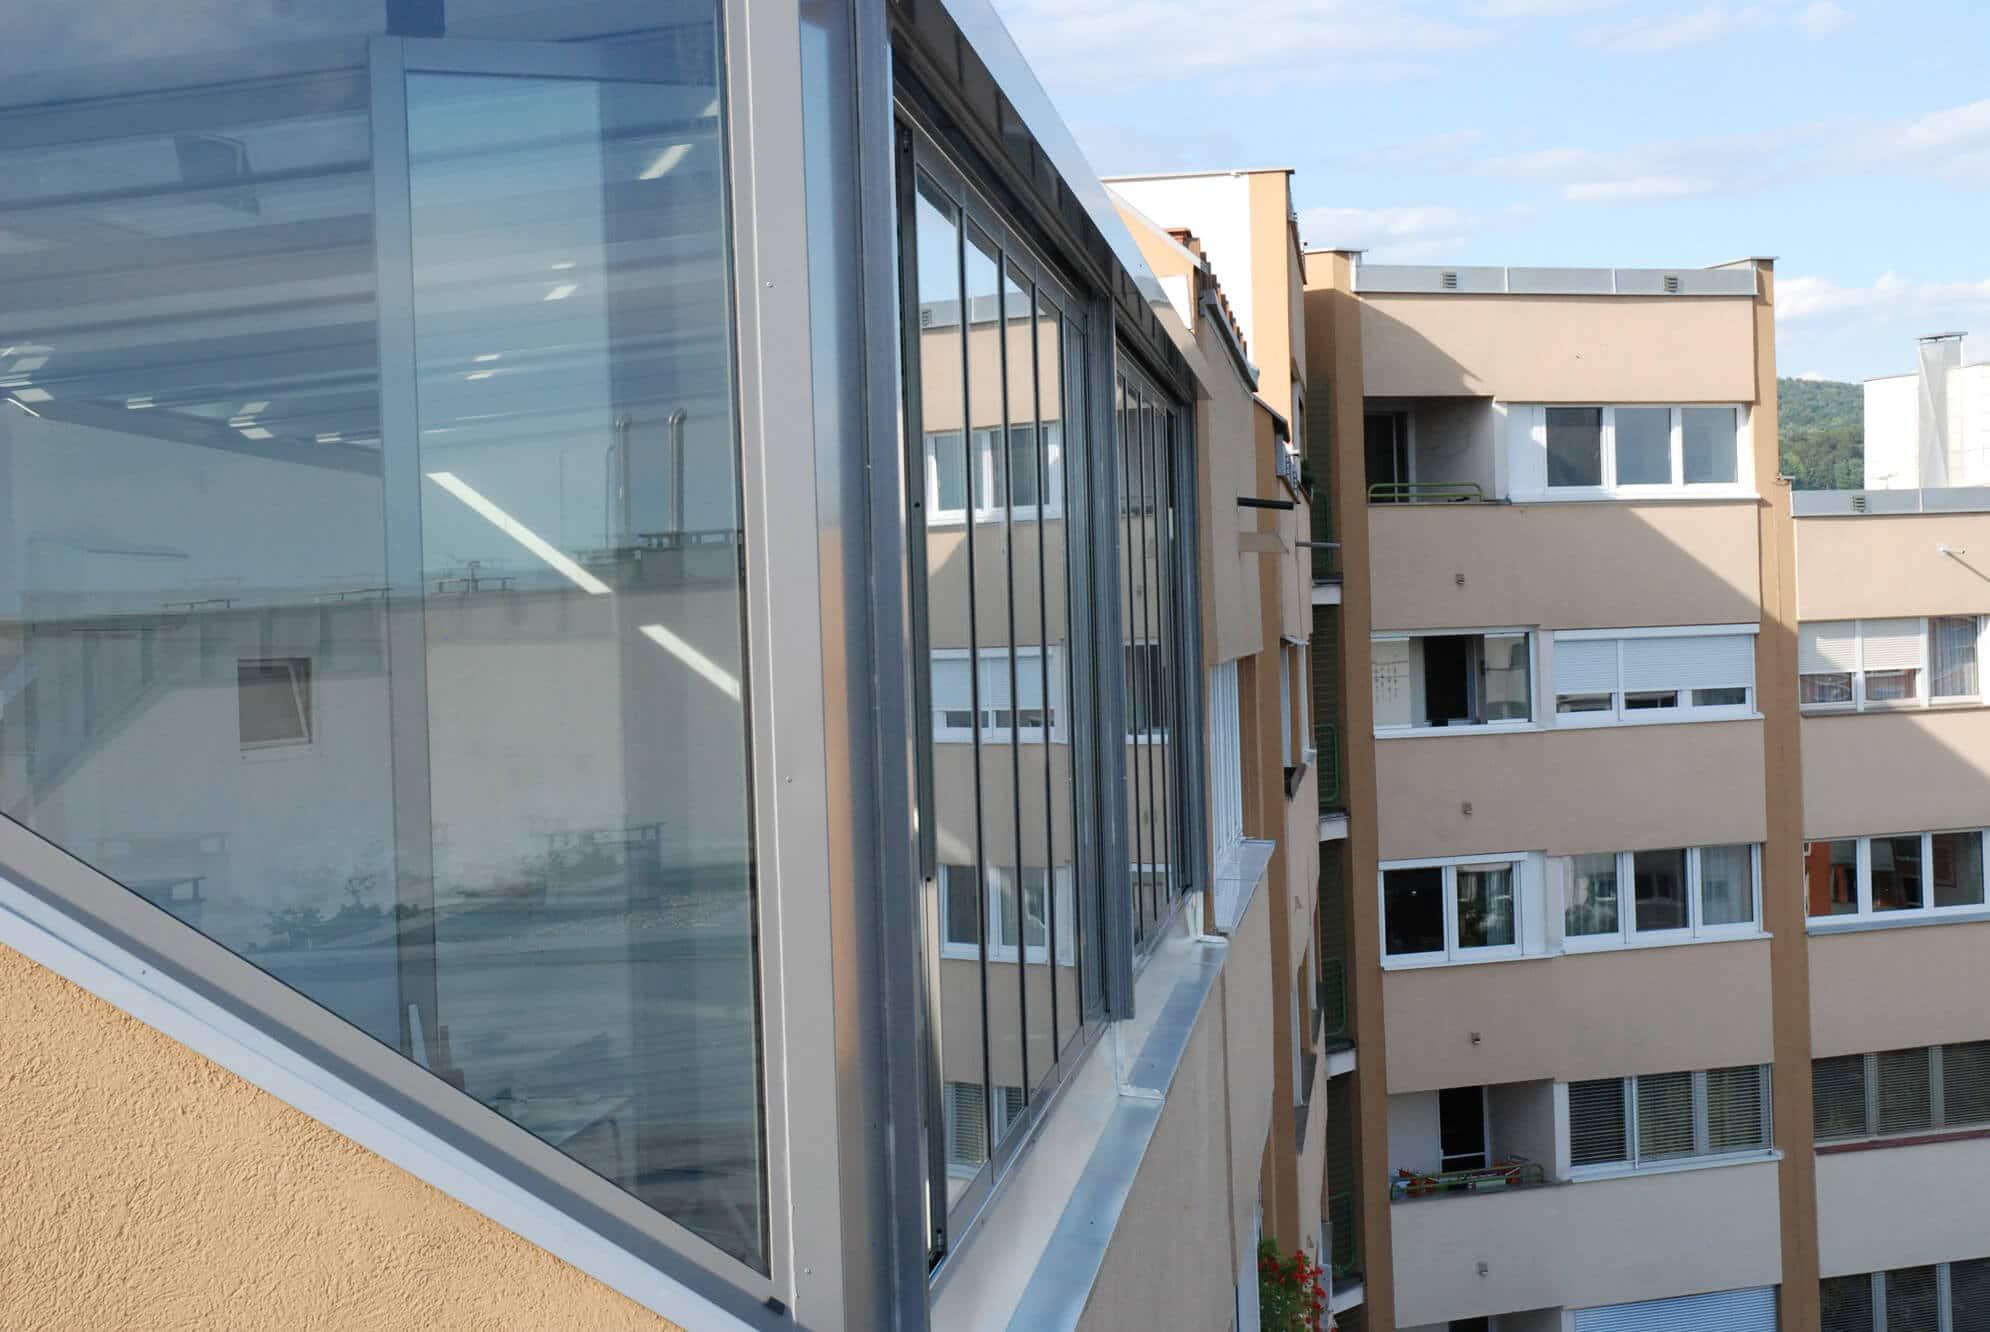 Wintergarten Chill-Lounge System und Sunflex Schiebe-Dreh-Fenster